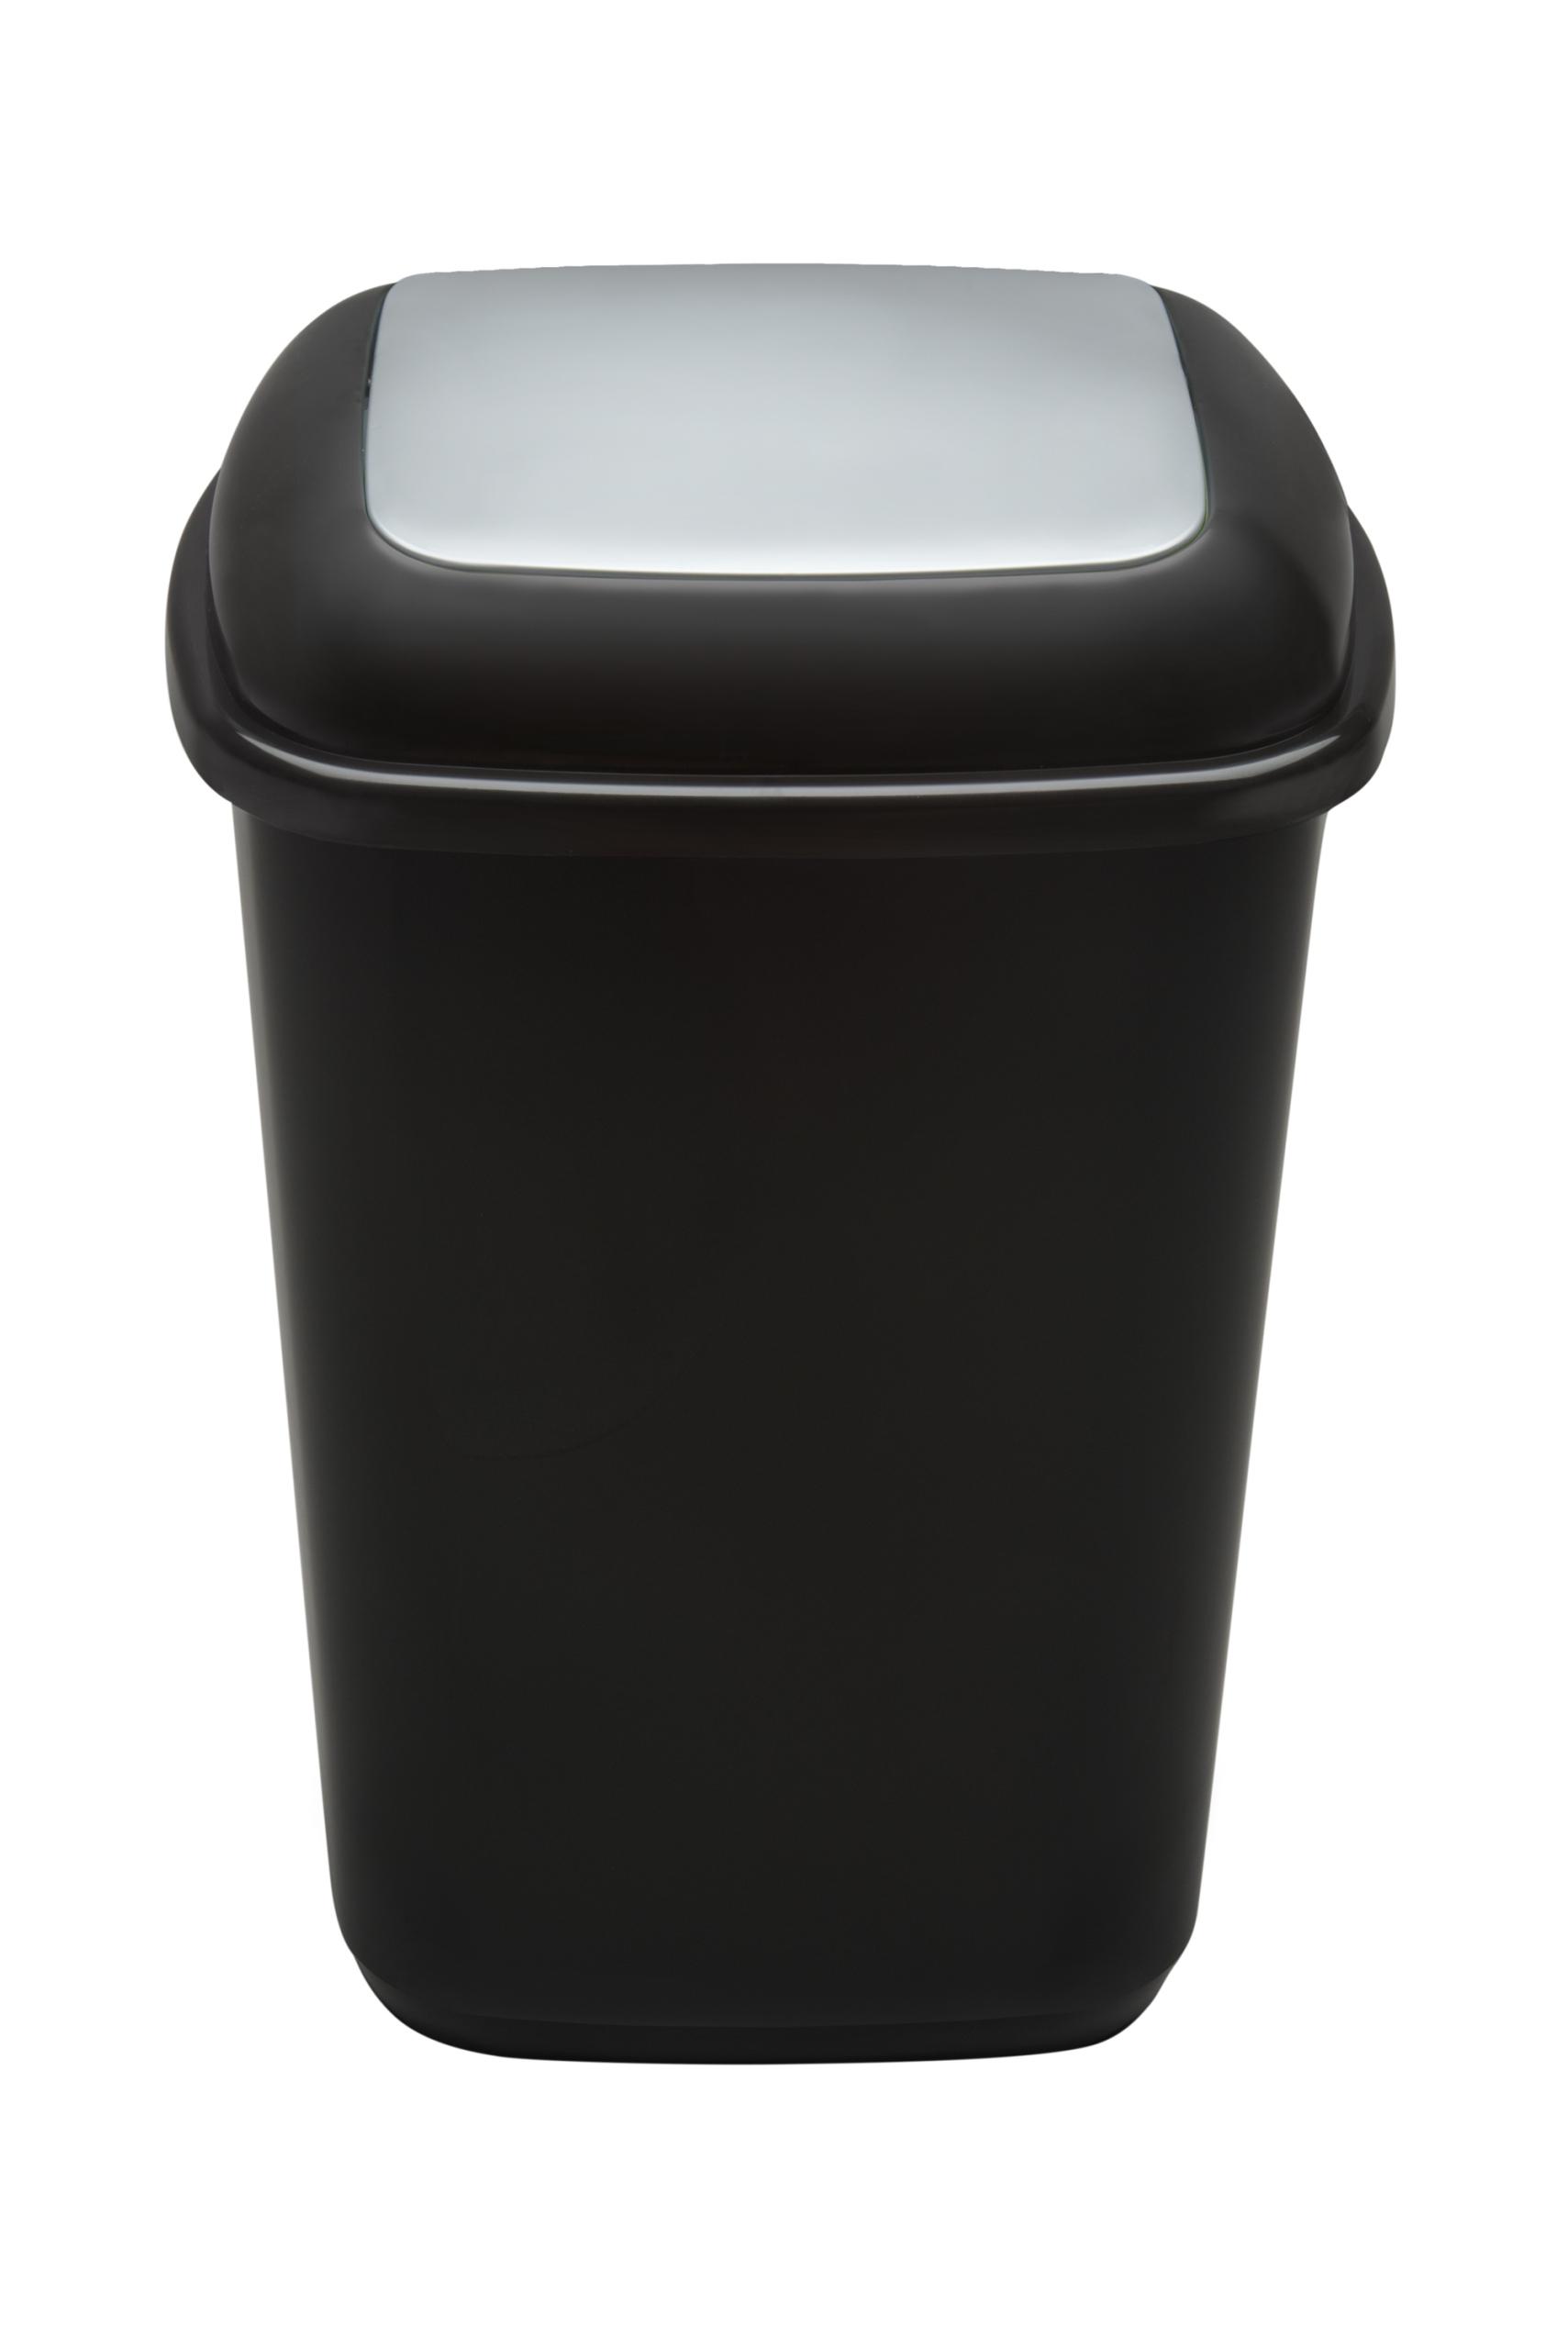 KOSZ PLAFOR QUATRO 28L na odpady zmieszane ECO